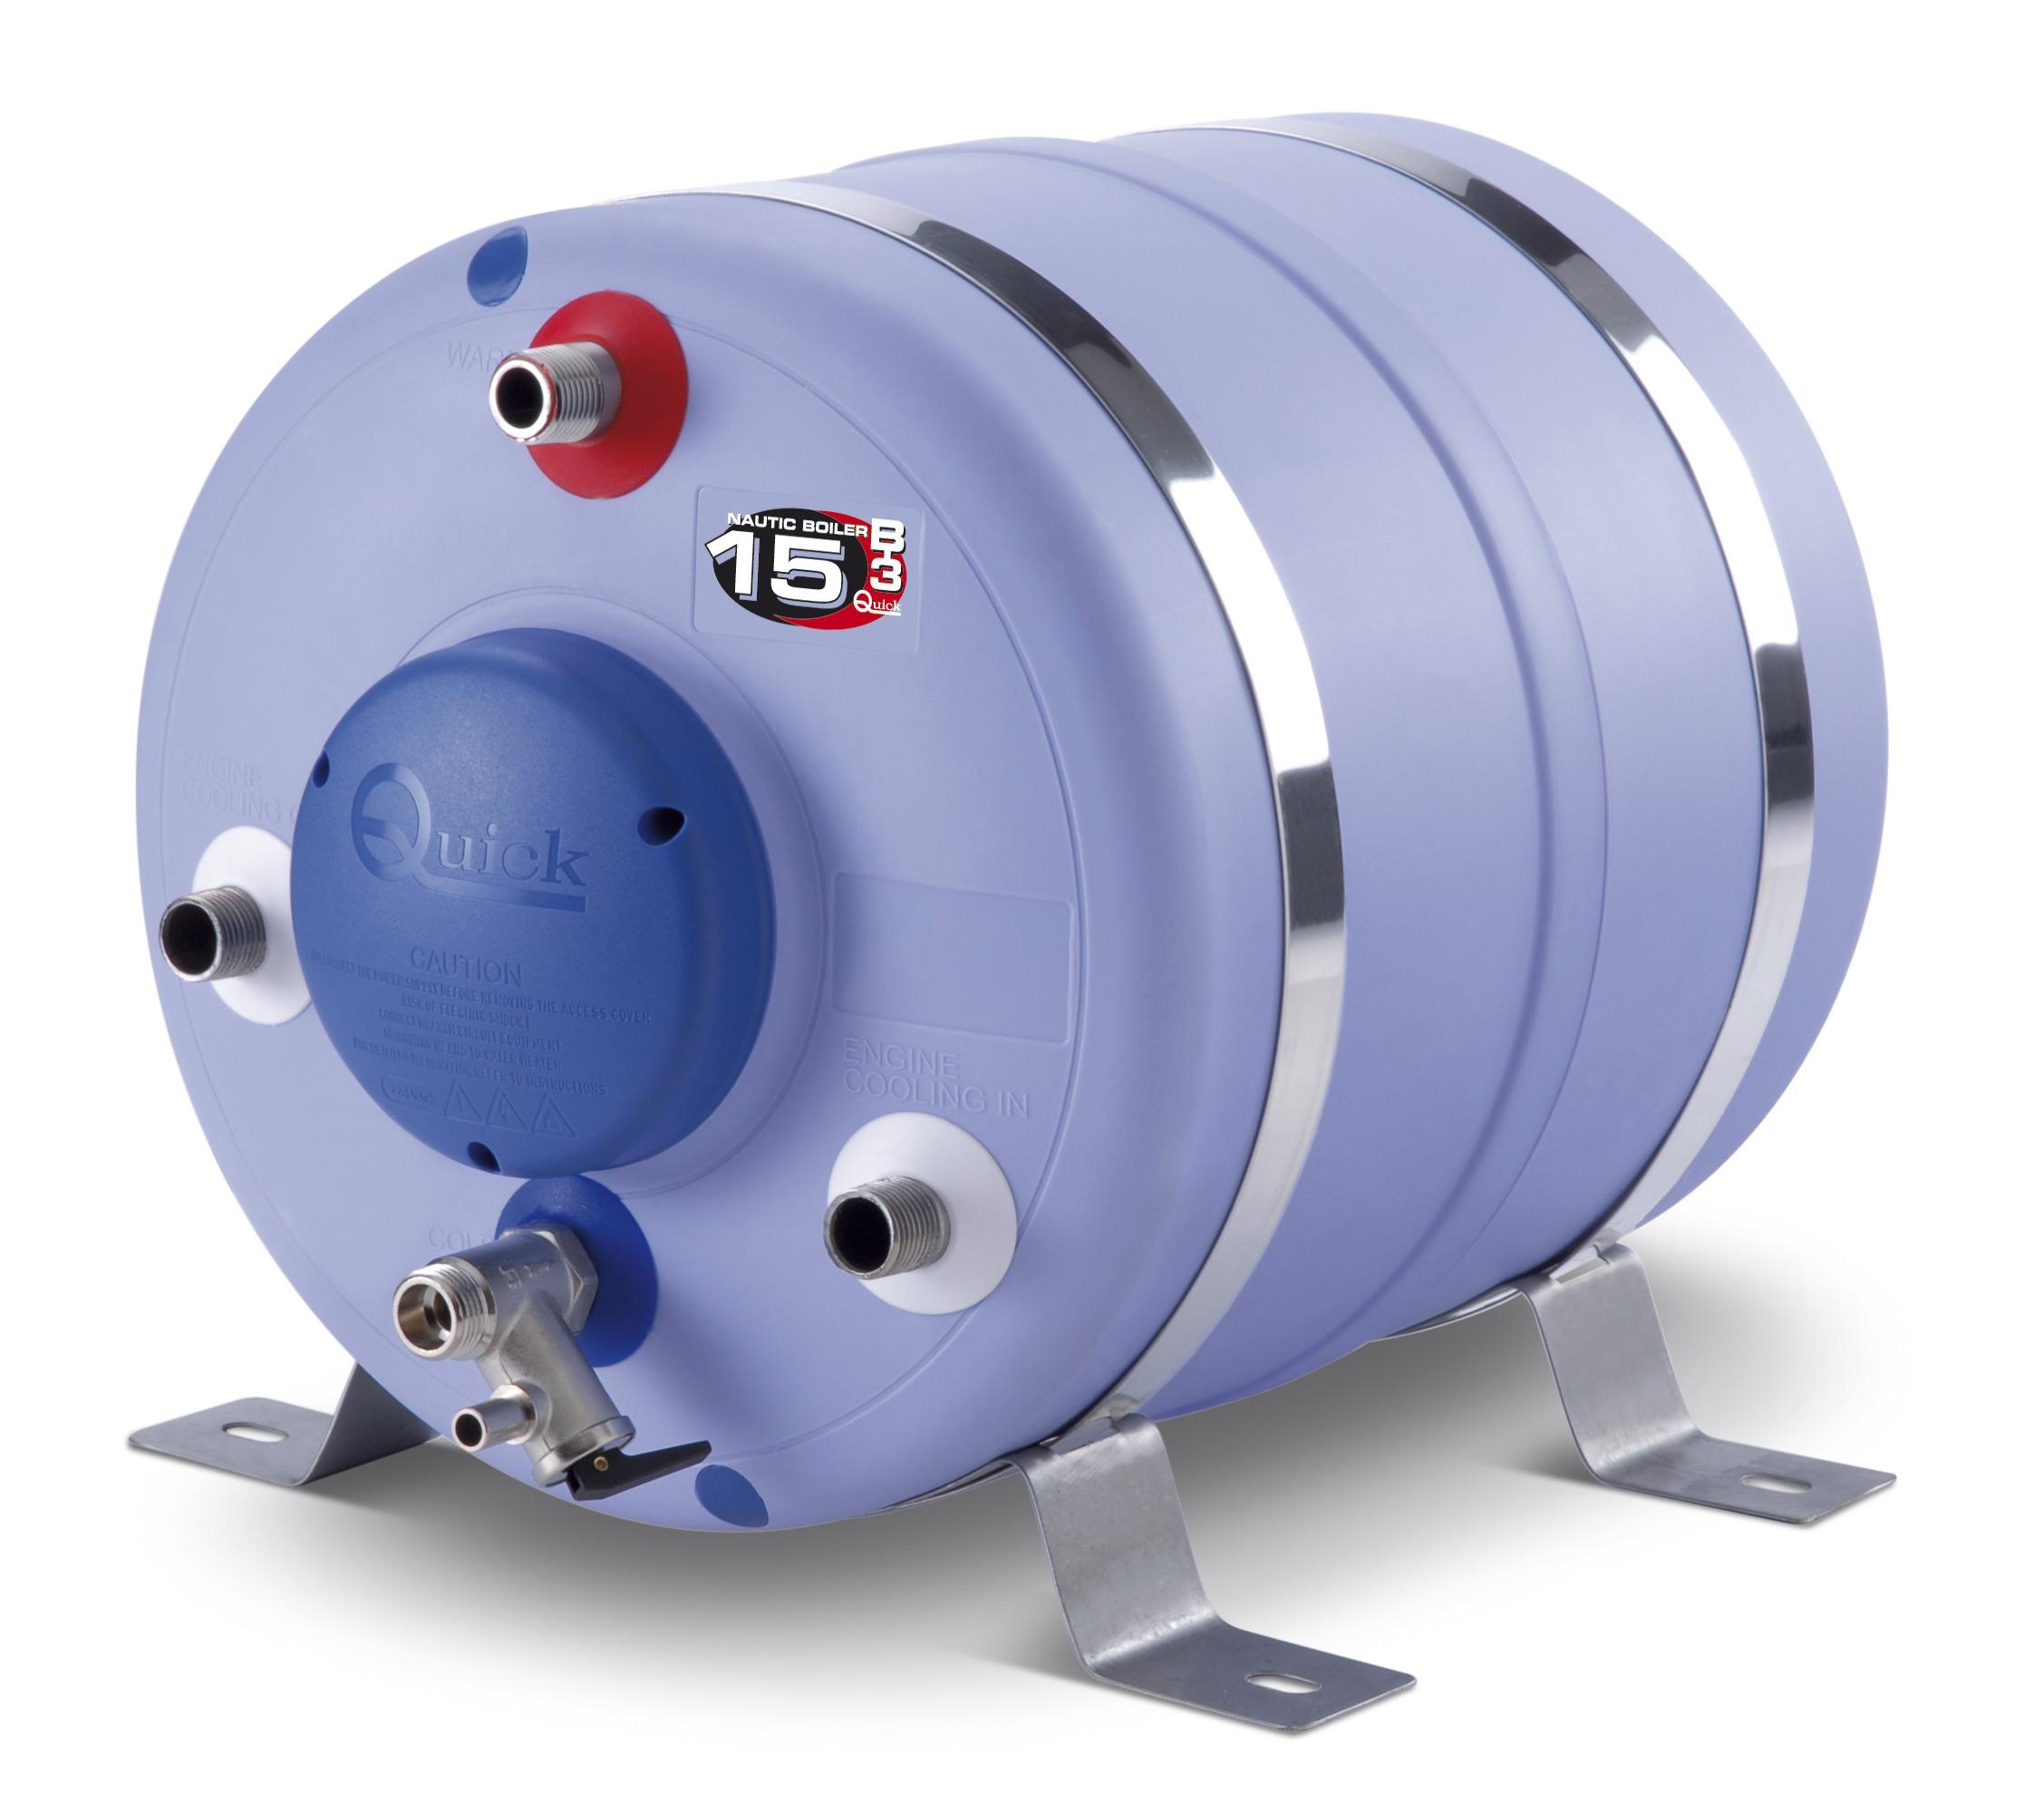 3.9 Gal  220 Volt B3 Nautic Boiler